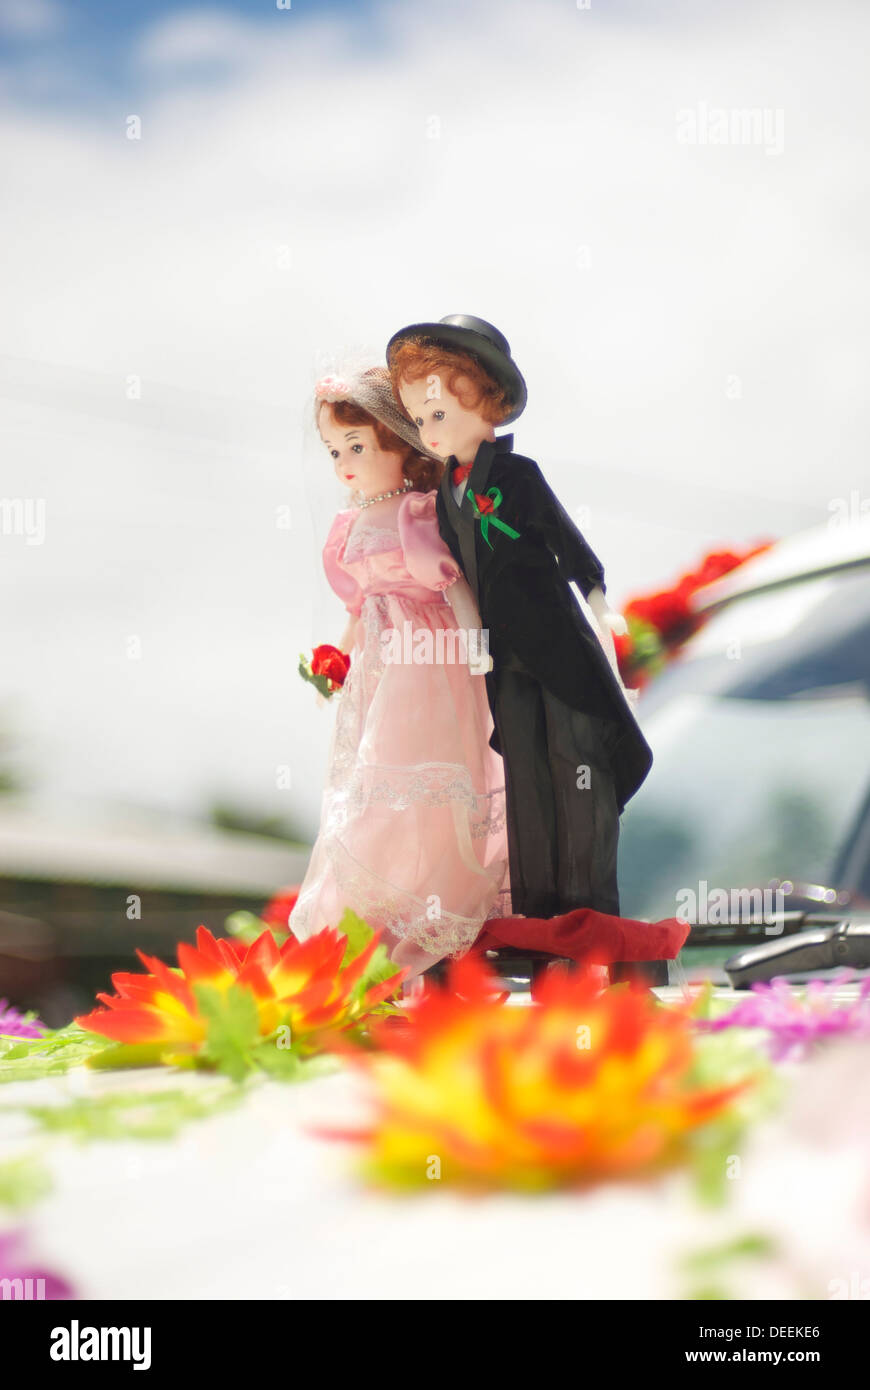 Miniatur smart paar basierend auf vordere Auto bereit für die Hochzeit mit Blumen an den Füßen Stockfoto